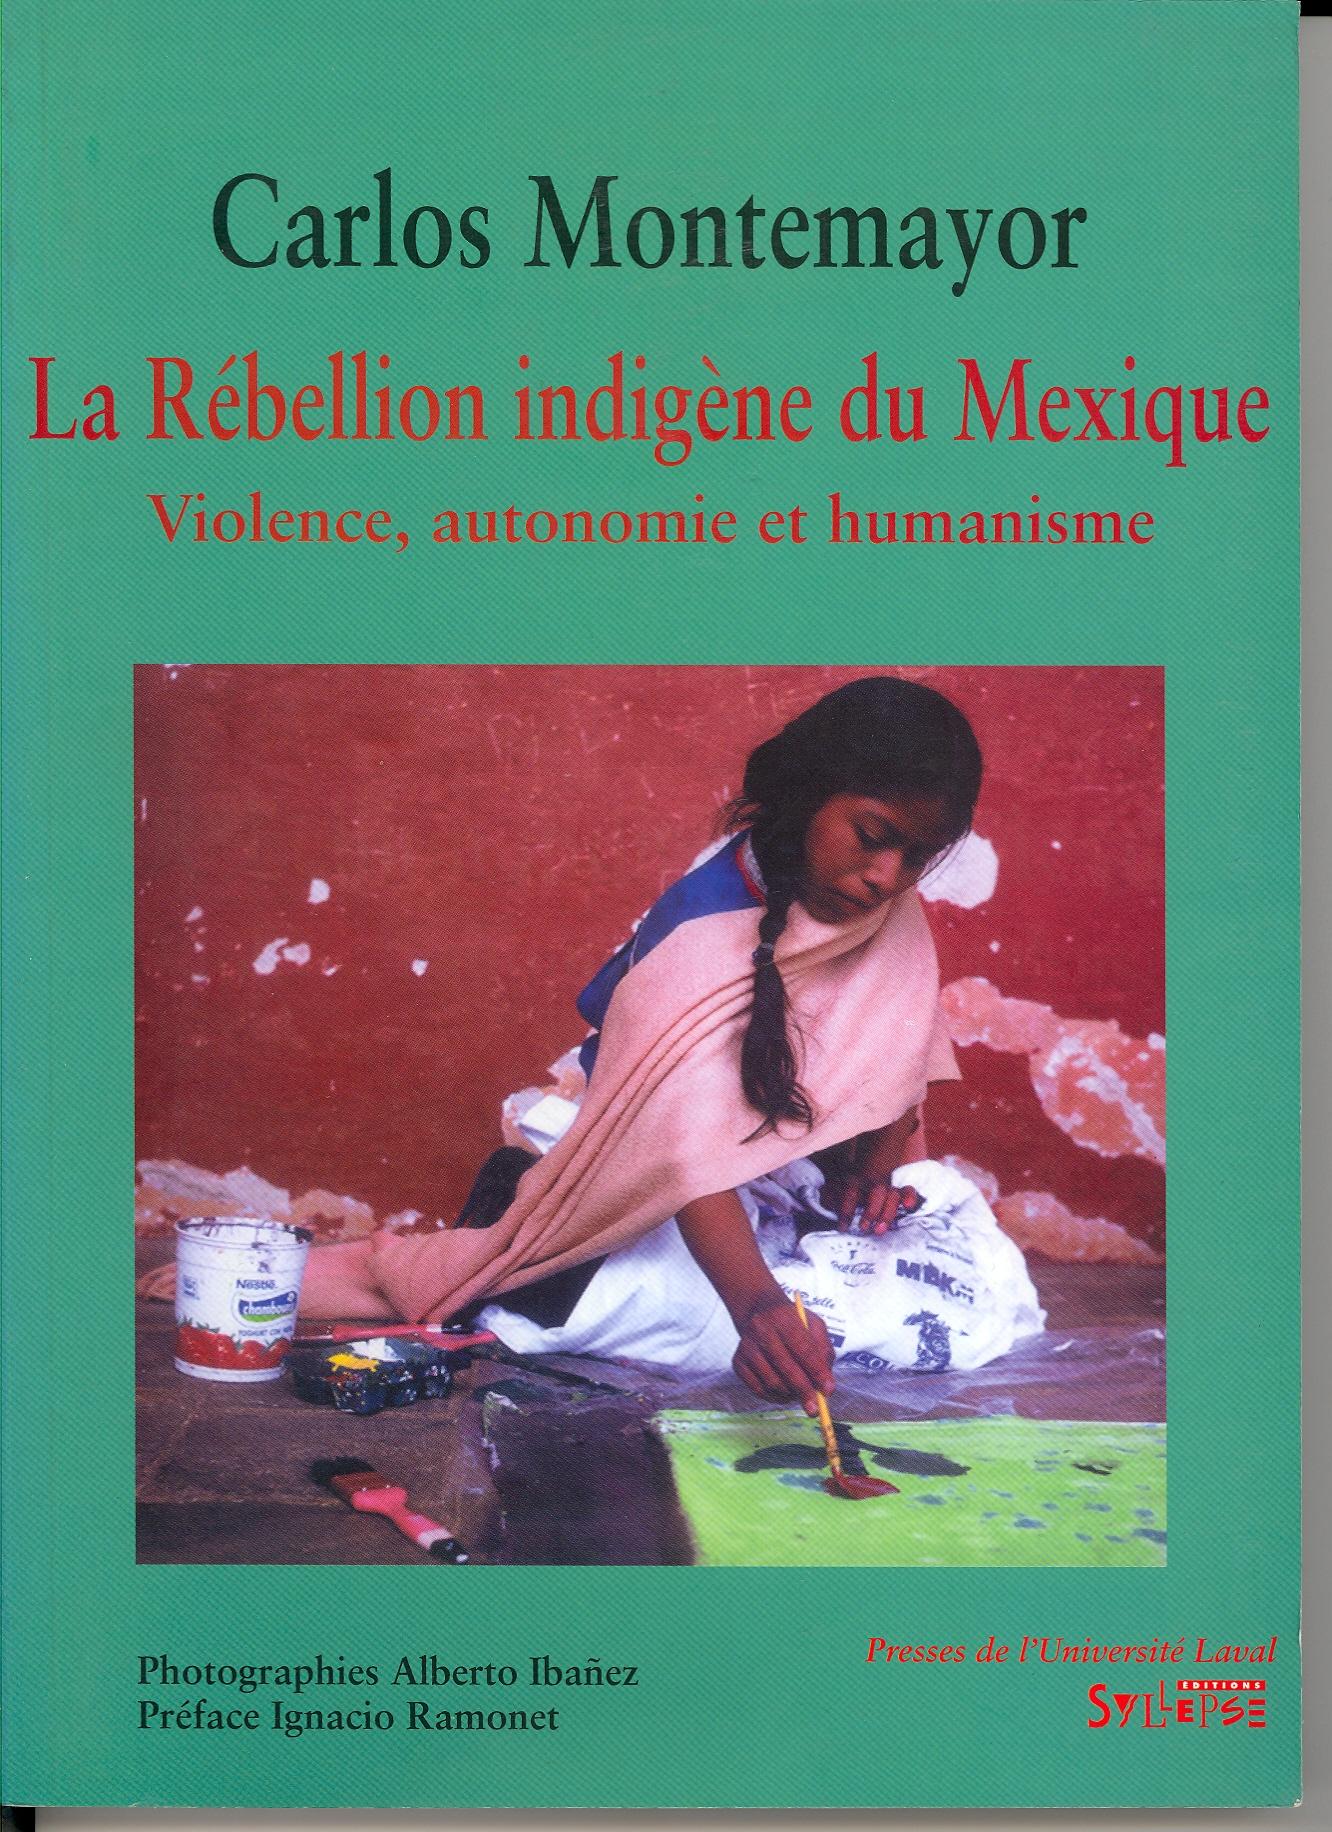 La REbelion  Indigene du Mexique p.jpg